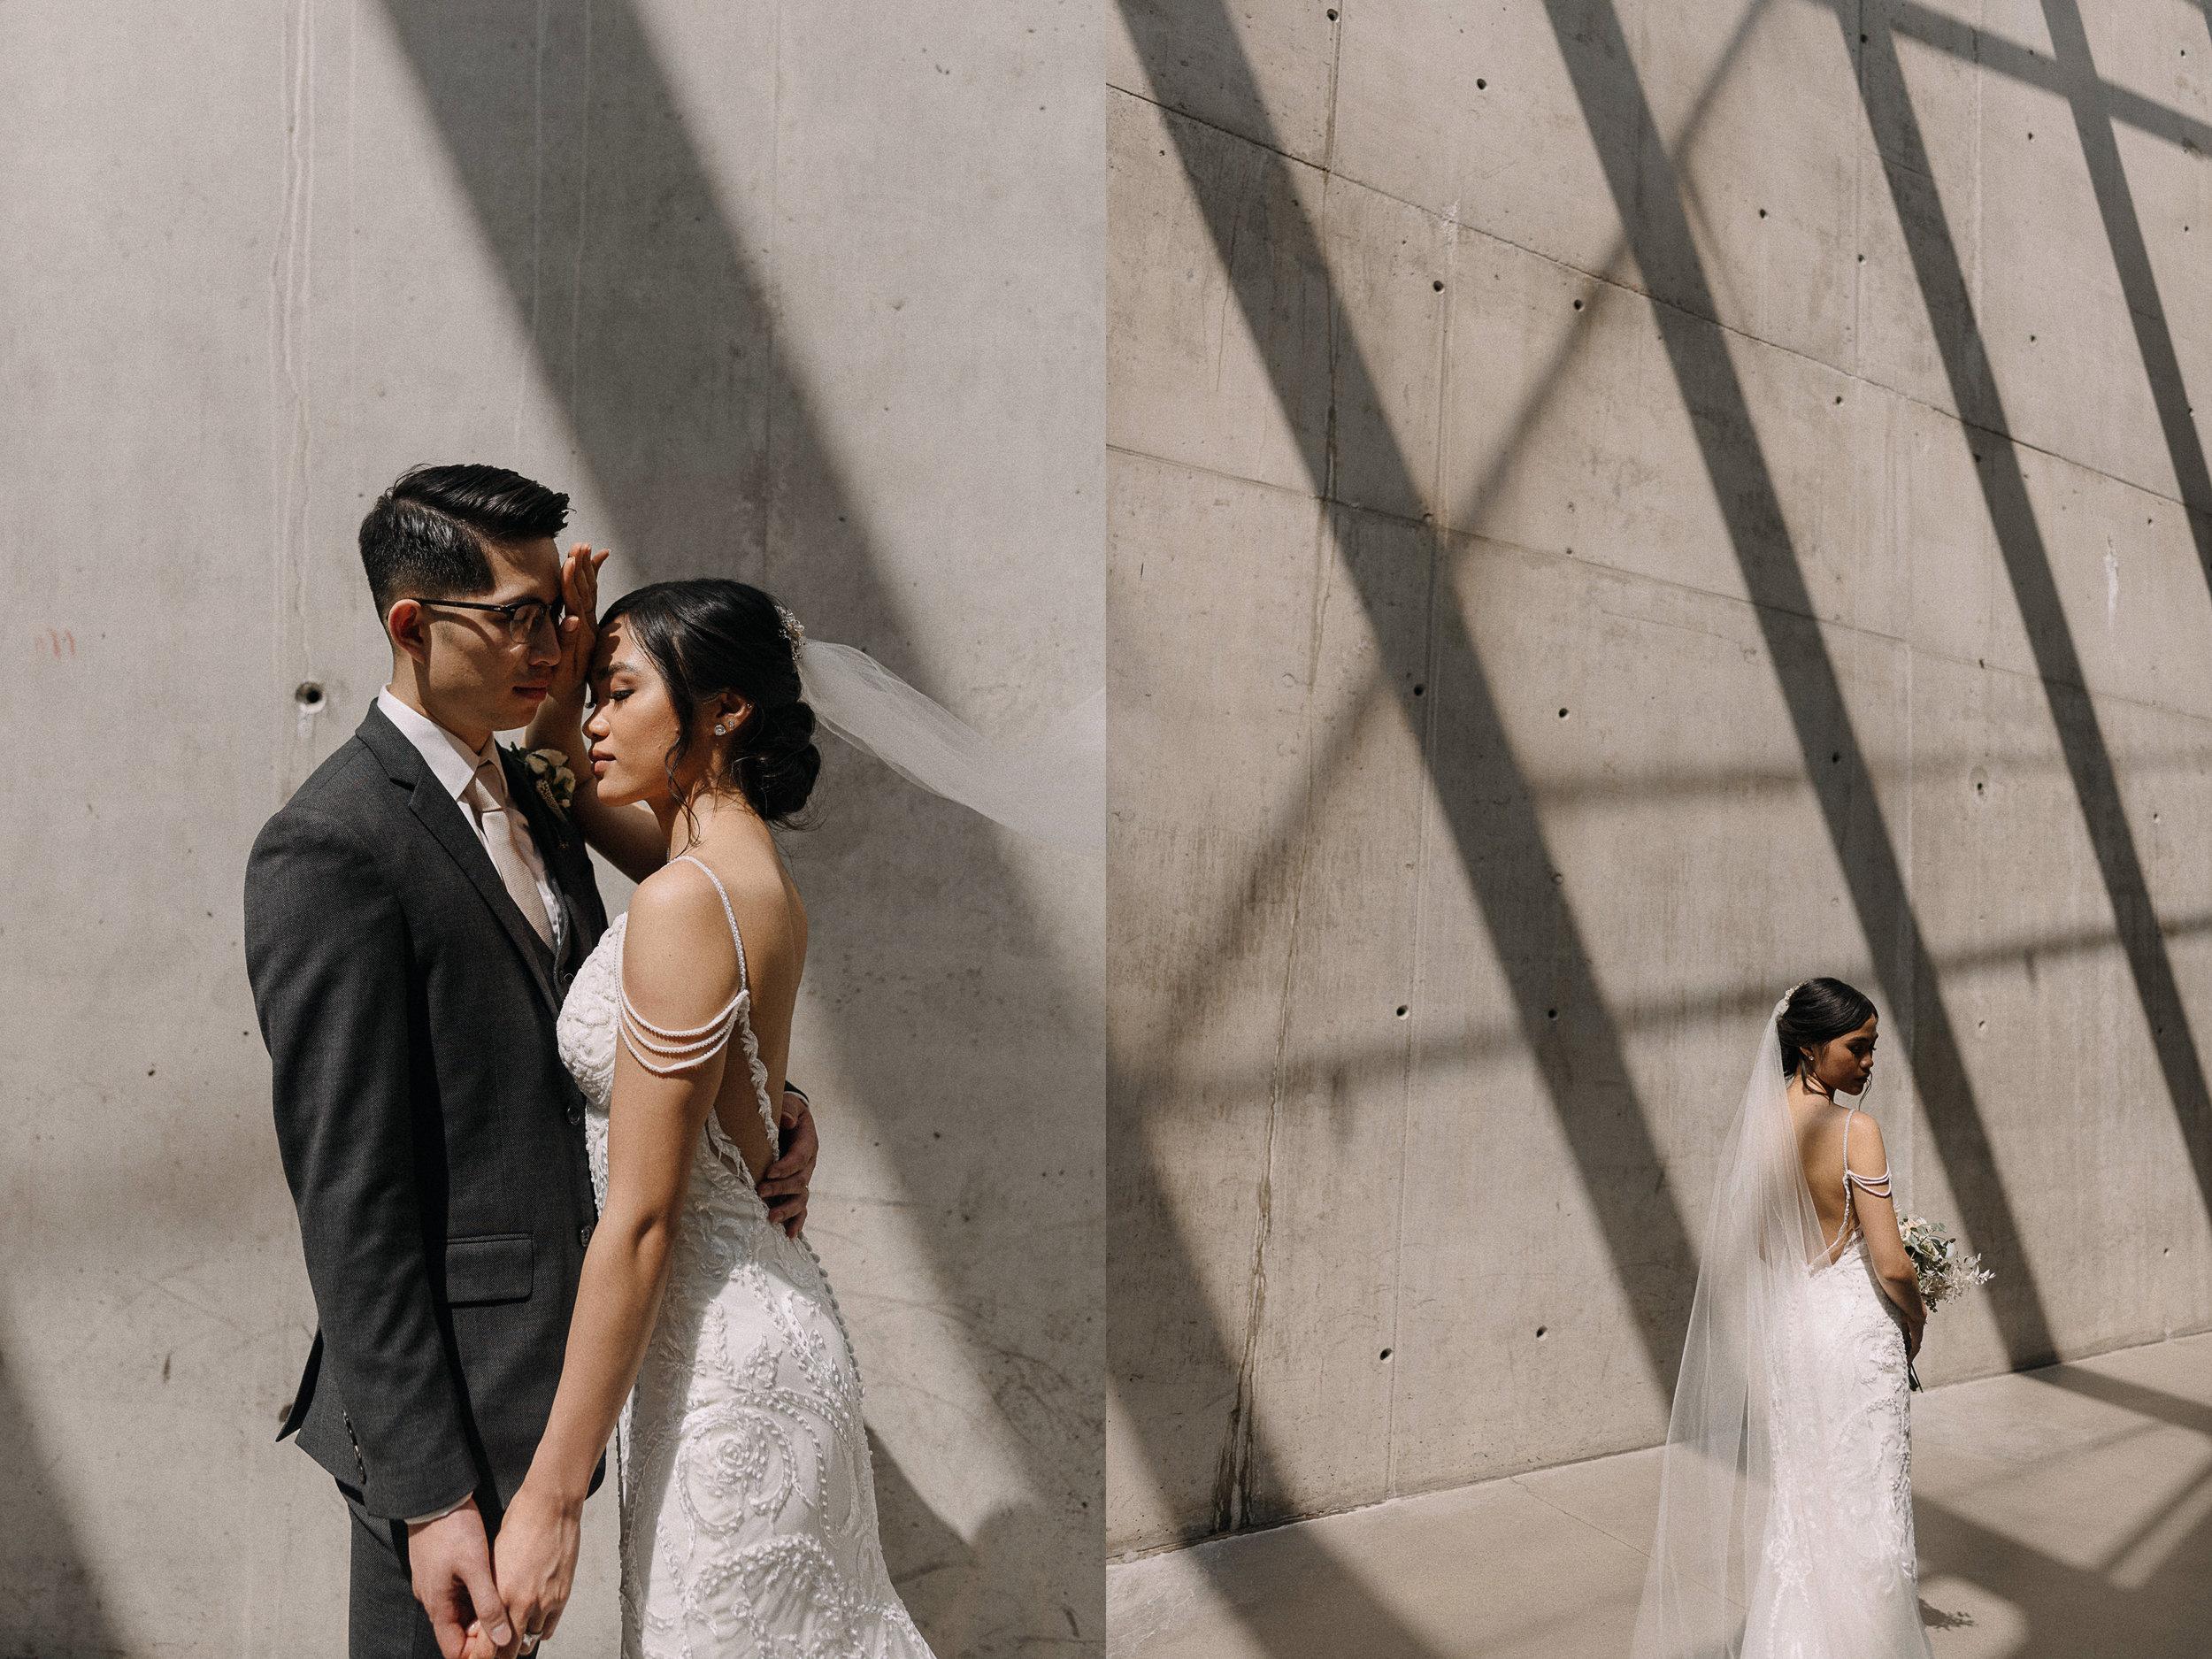 newyork-wedding-photographers4.jpg